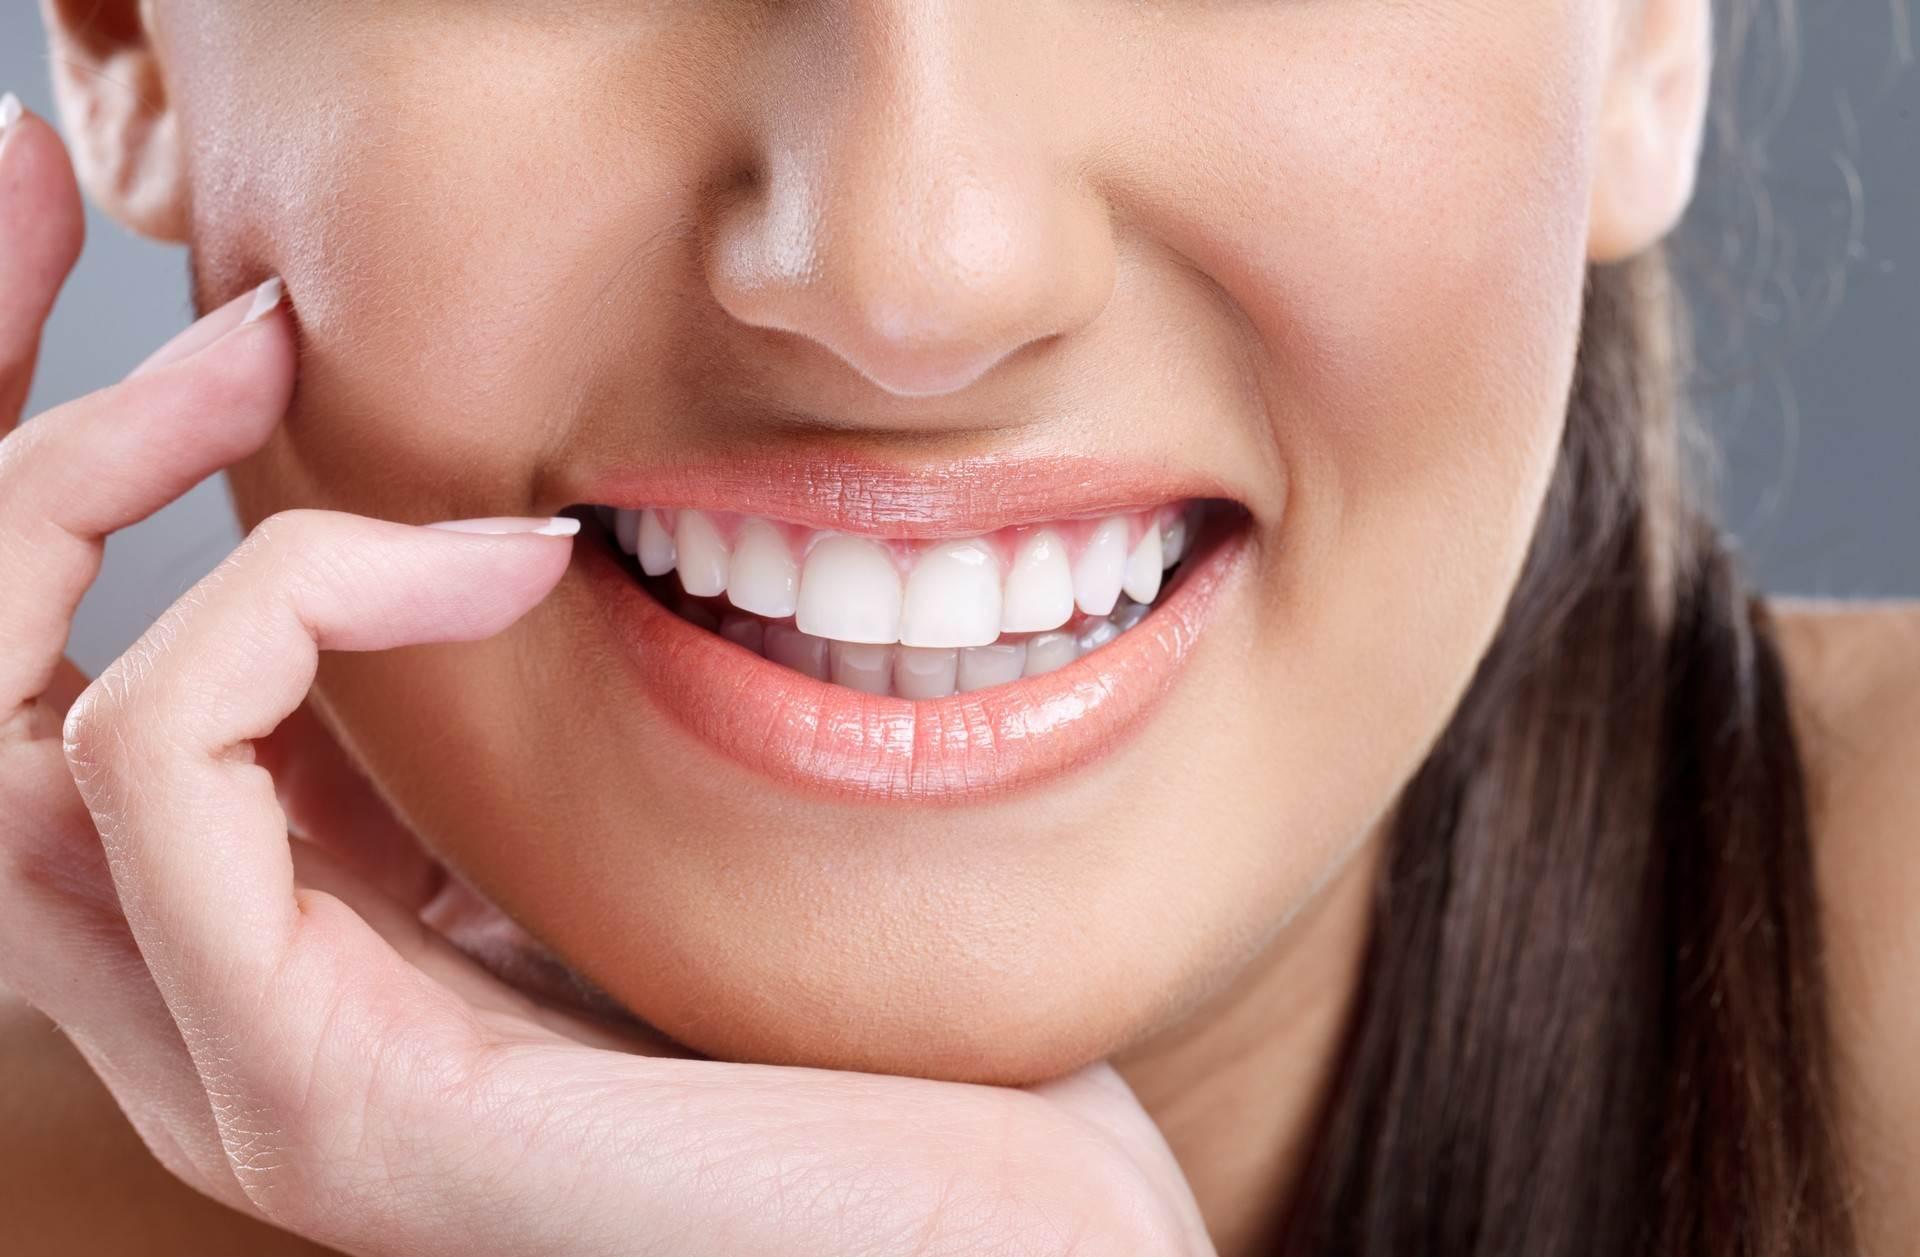 انتفاخ الخد بعد زراعة الأسنان